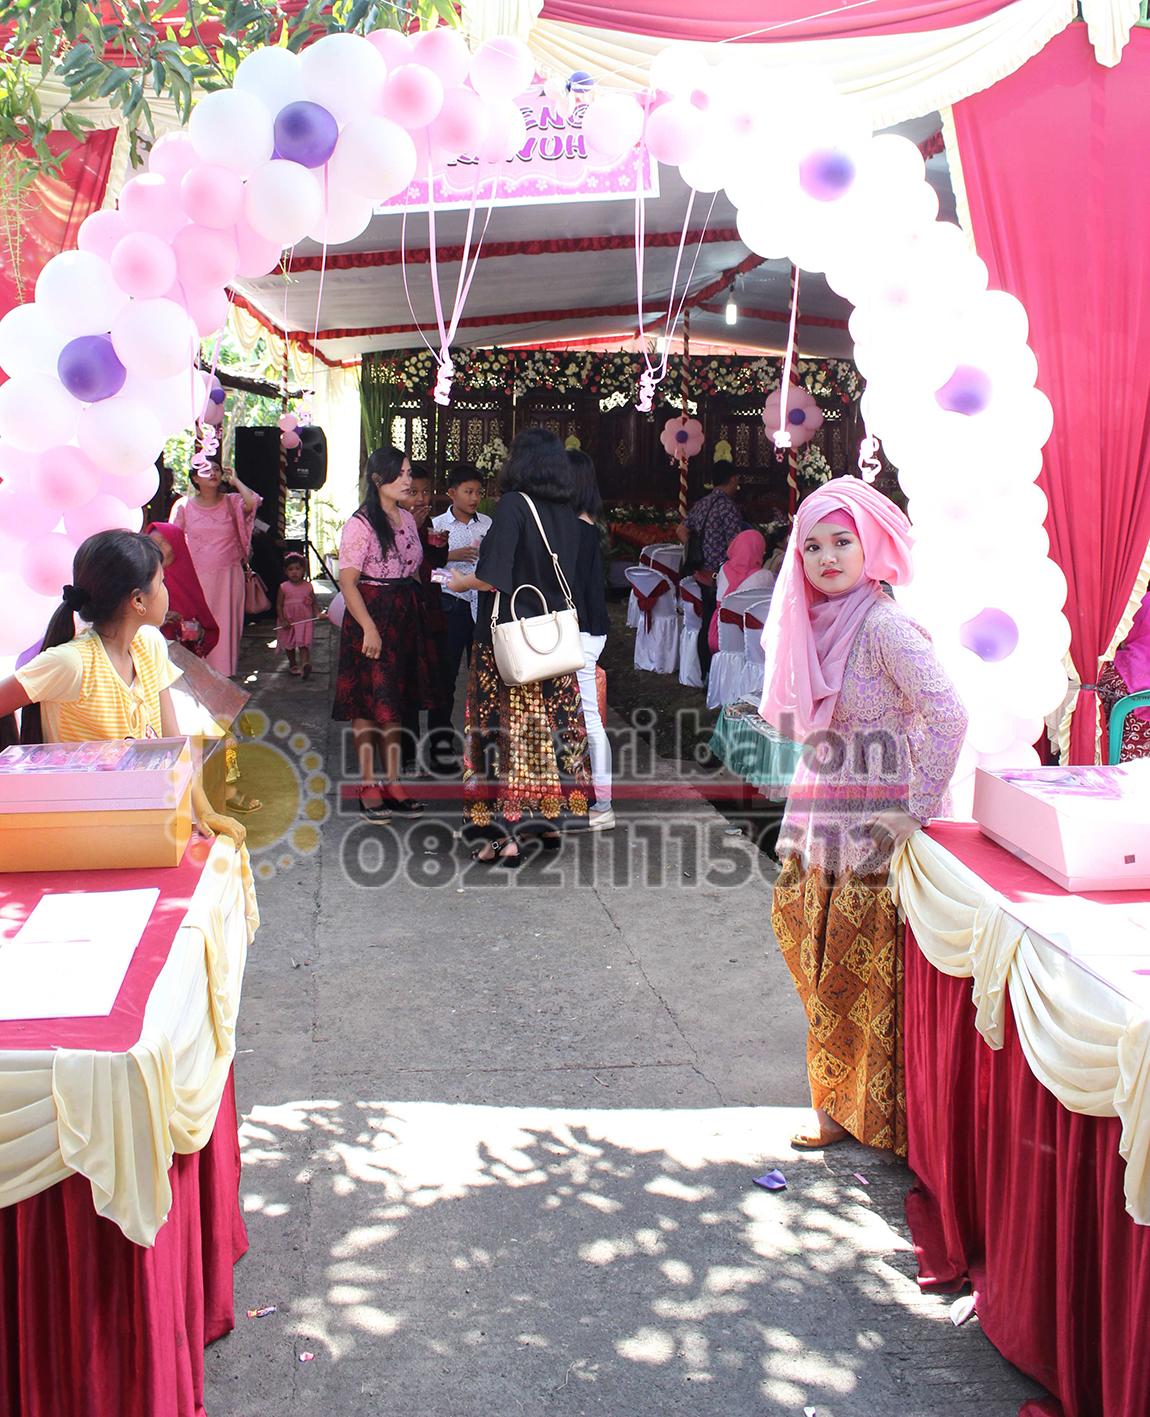 balon dekorasi pernikahan